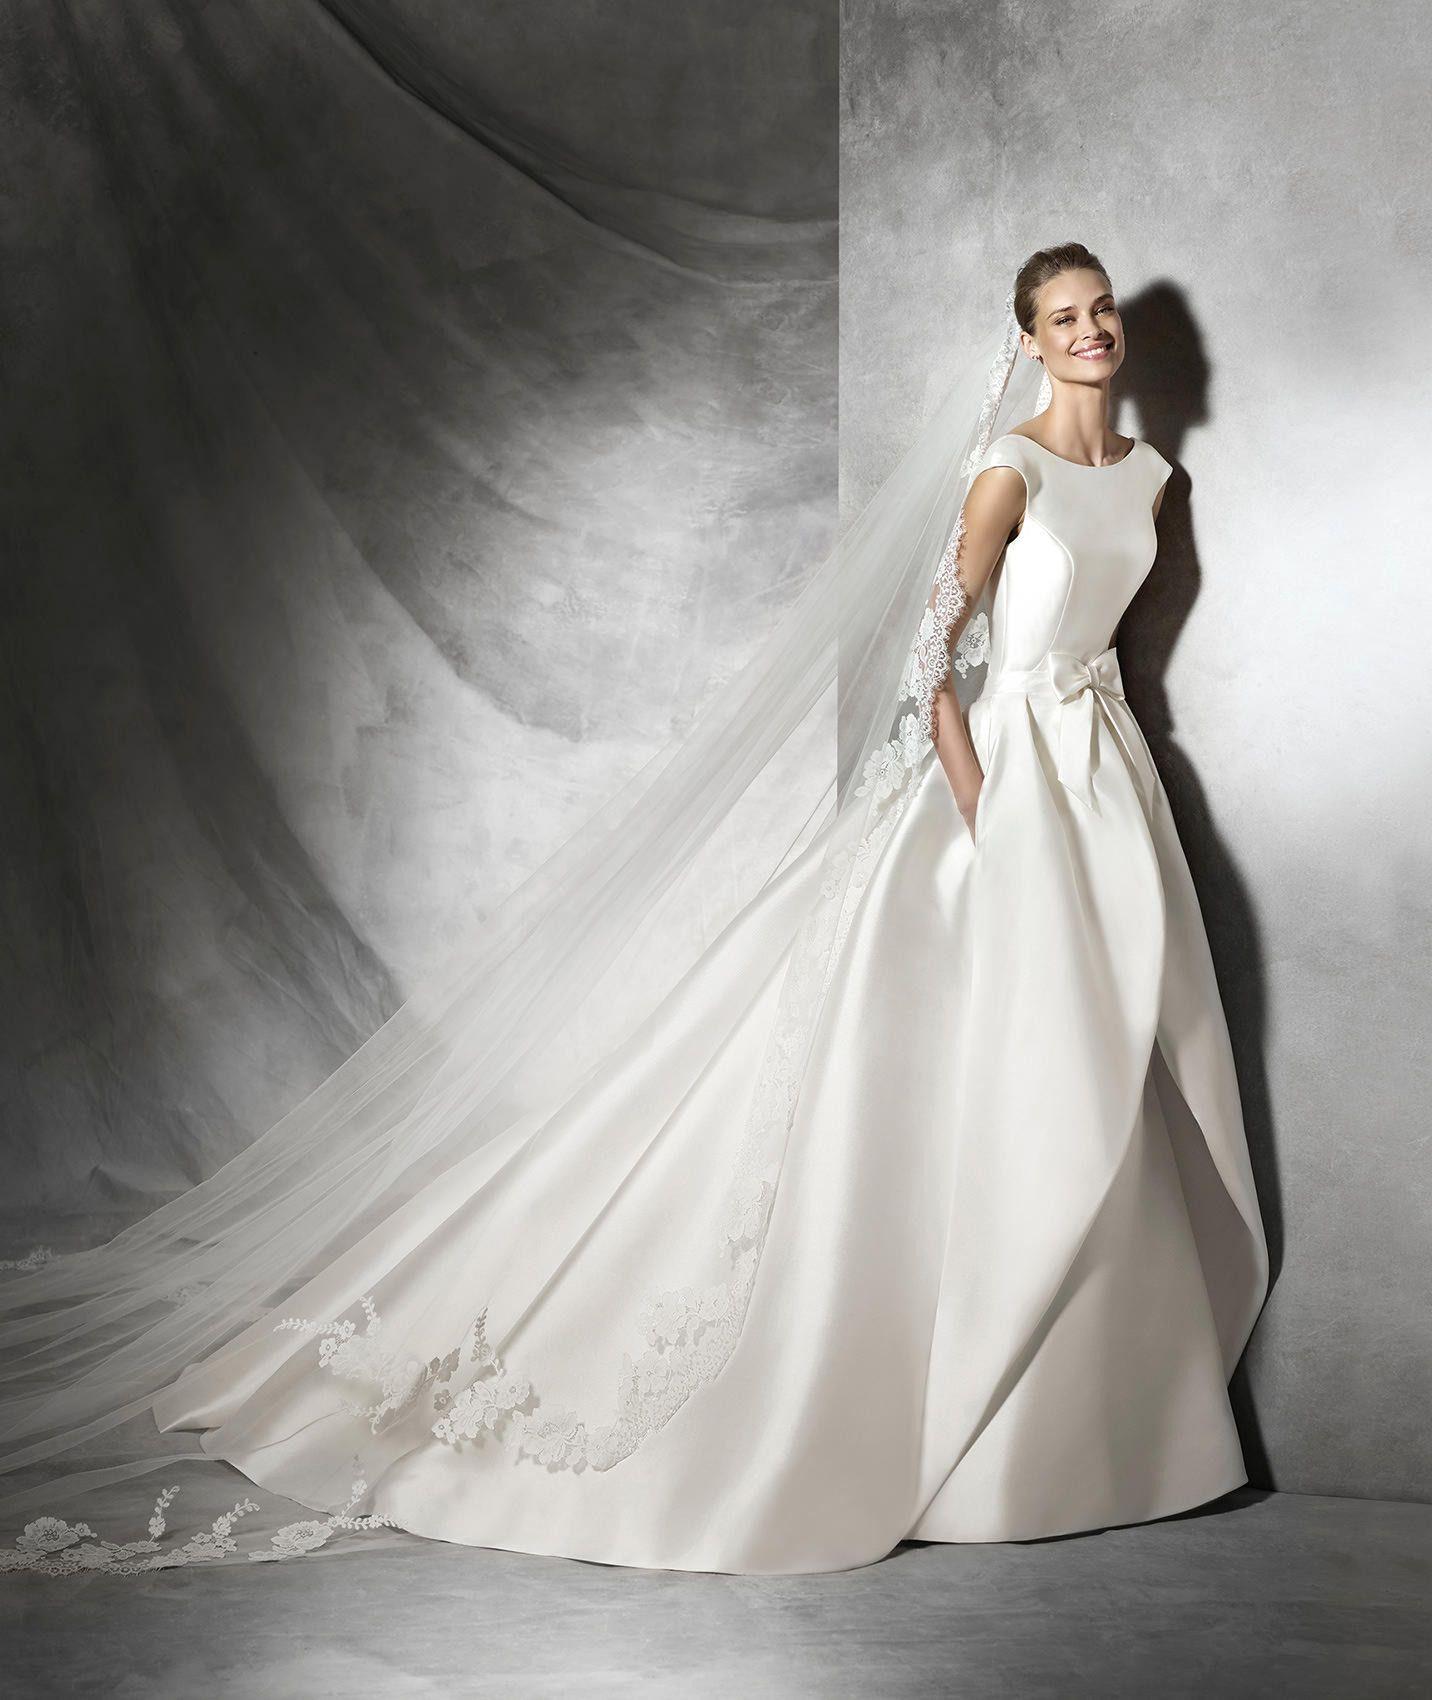 Elite wedding dresses  Vestido Tabina original de estilo sirena  pronovias  Pinterest